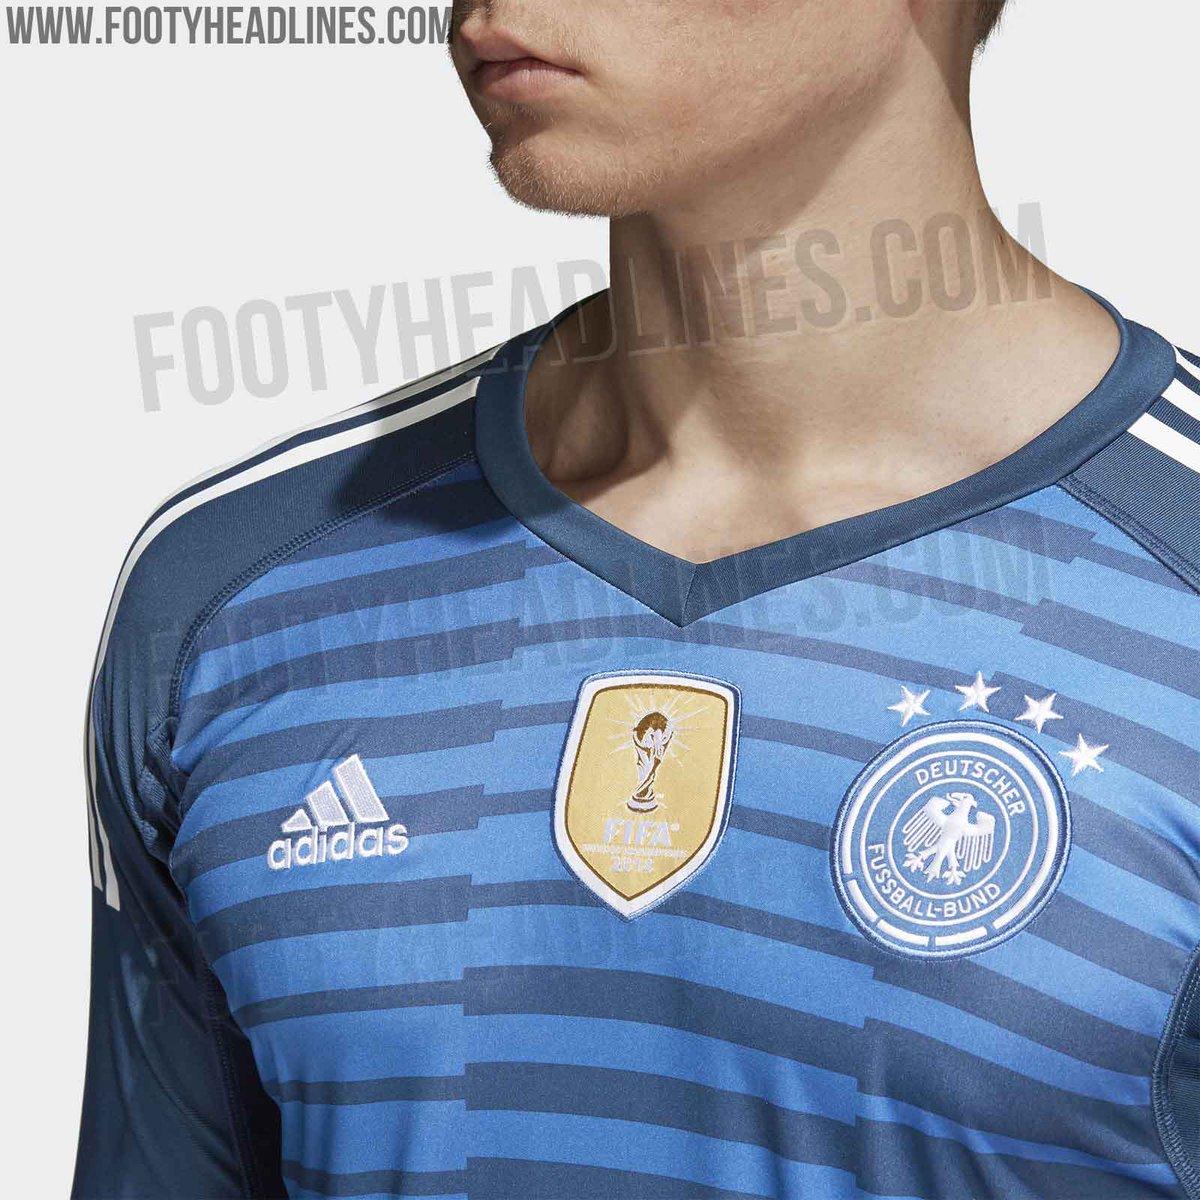 ae4b2b60af1 Bayern & Germany on Twitter: